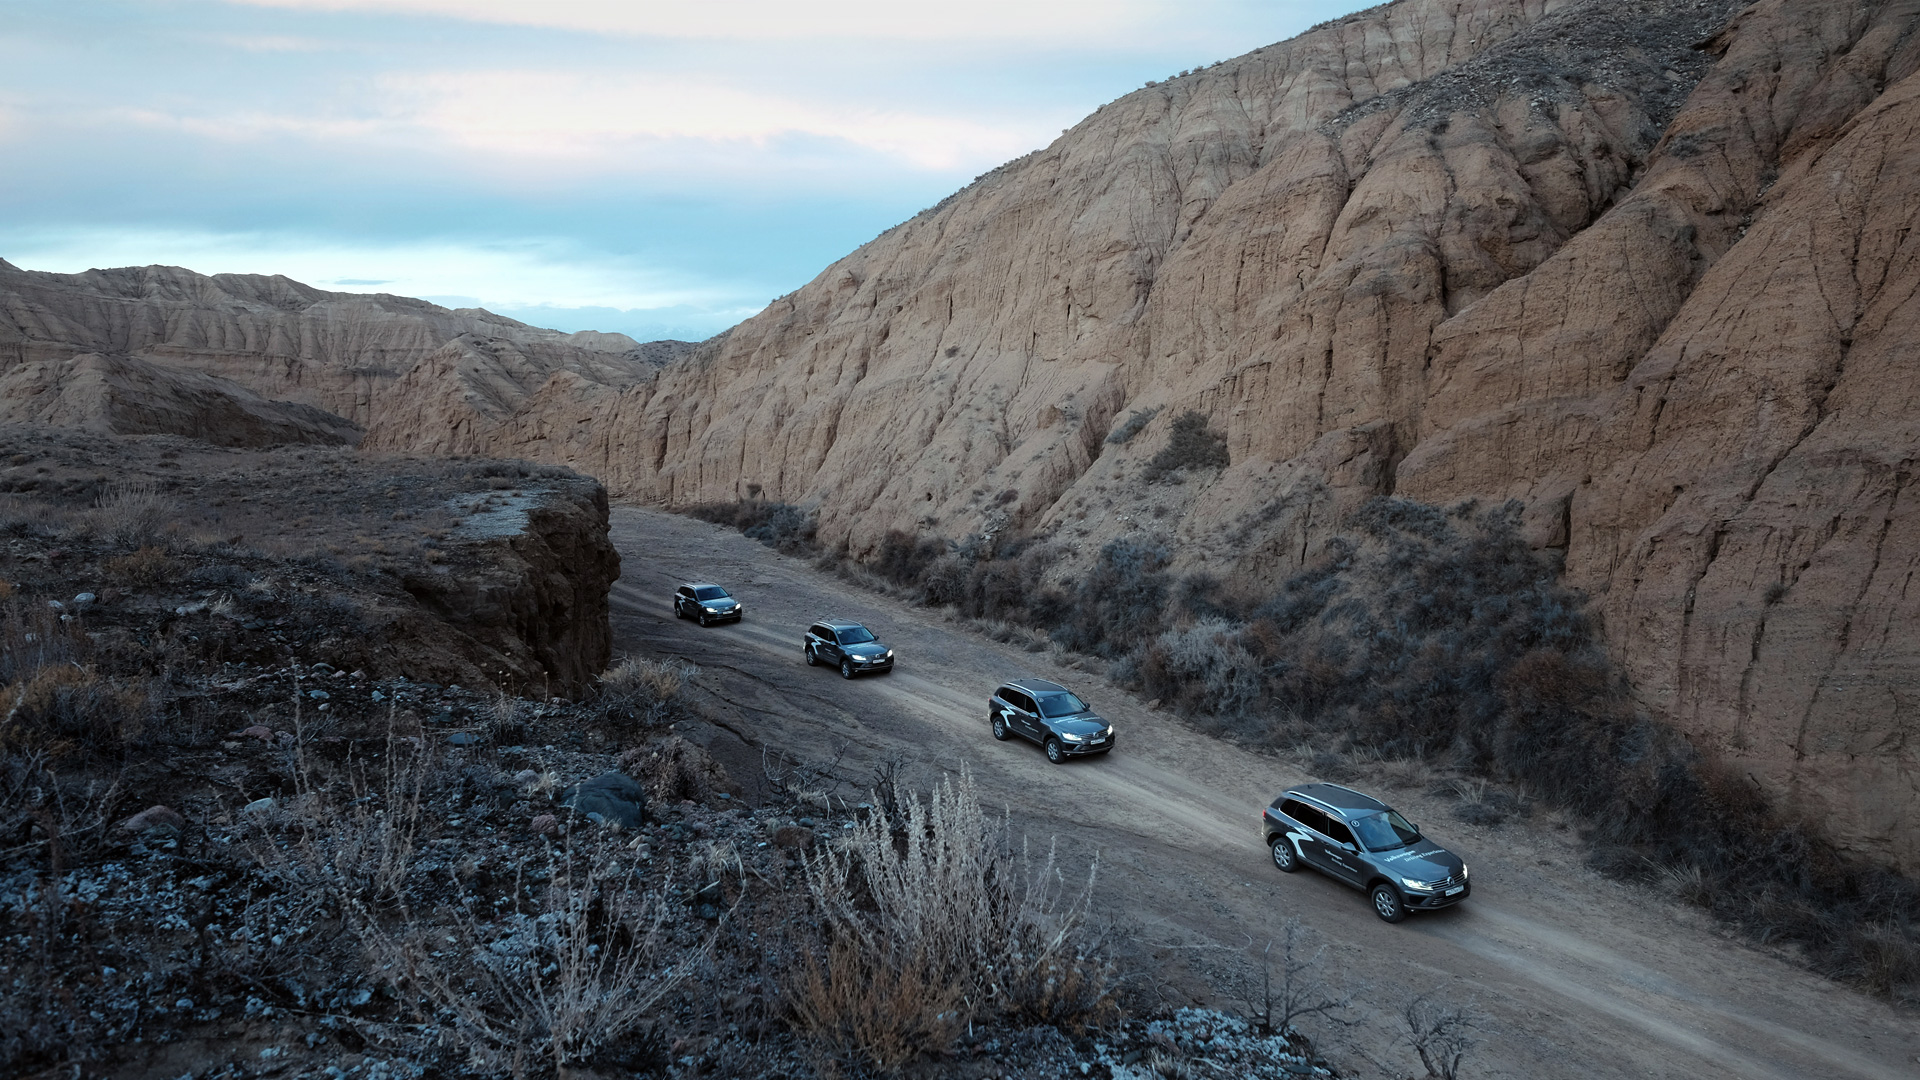 Зачем ехать в Киргизию, и почему VW Touareg неплохо подходит для этой авантюры. Фото 8